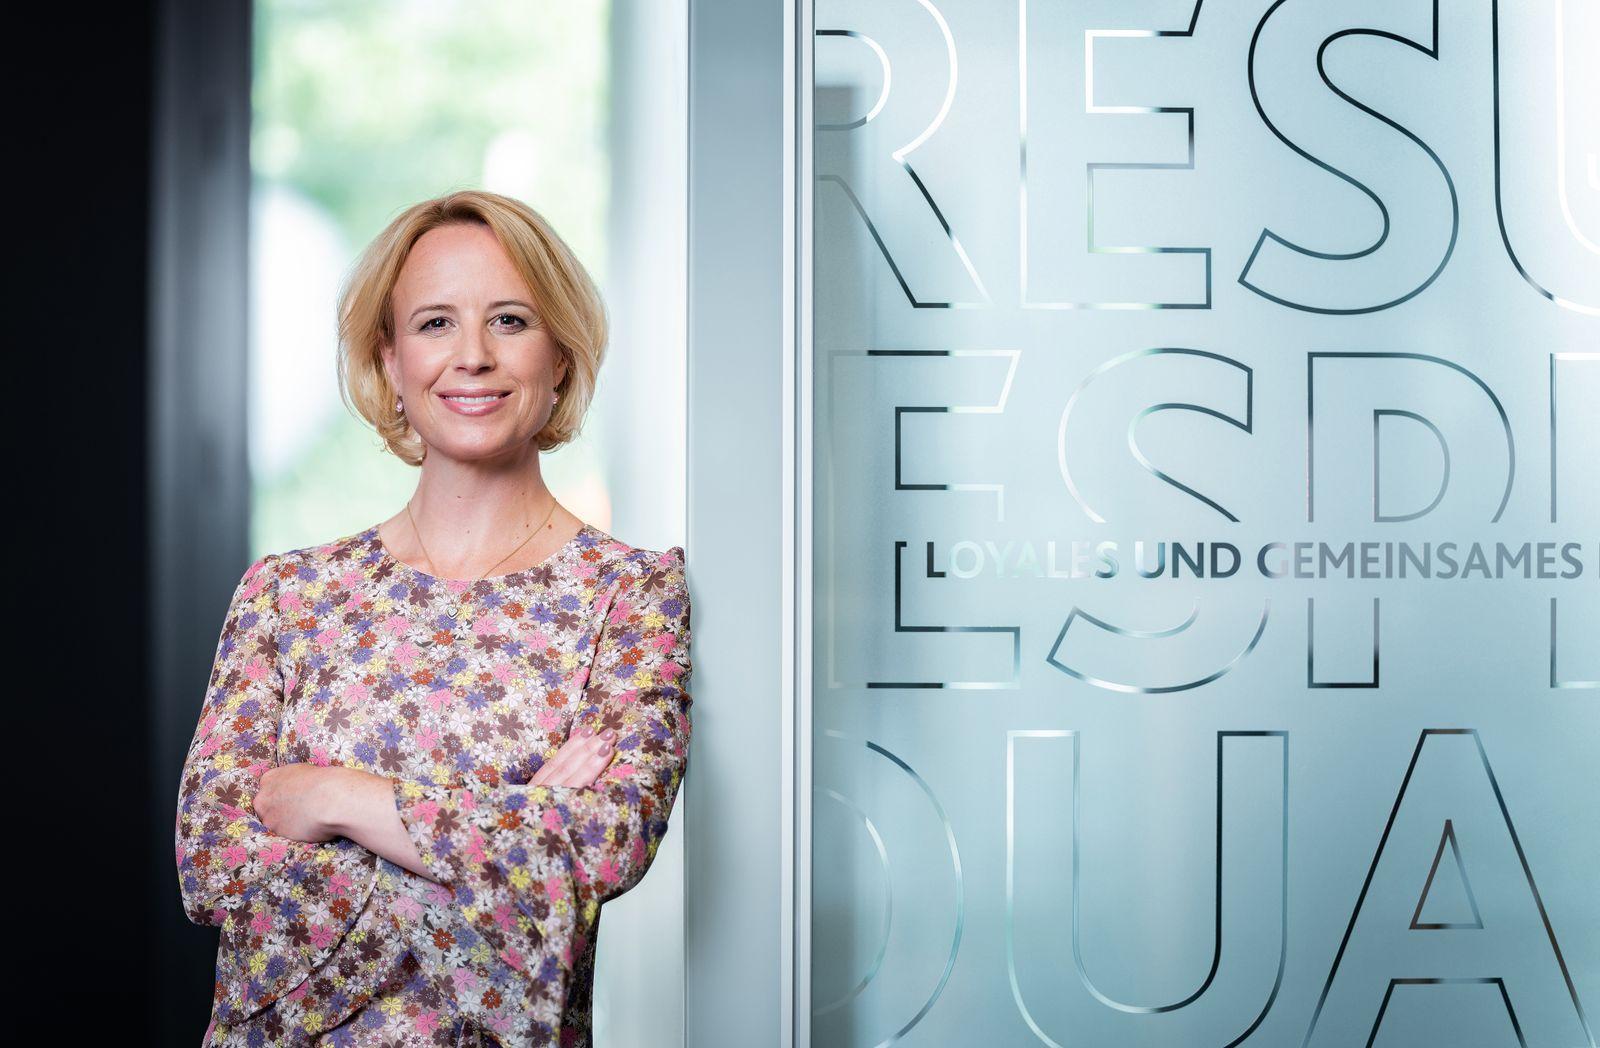 Julia Becker, Verlegerin Funke Mediengruppe